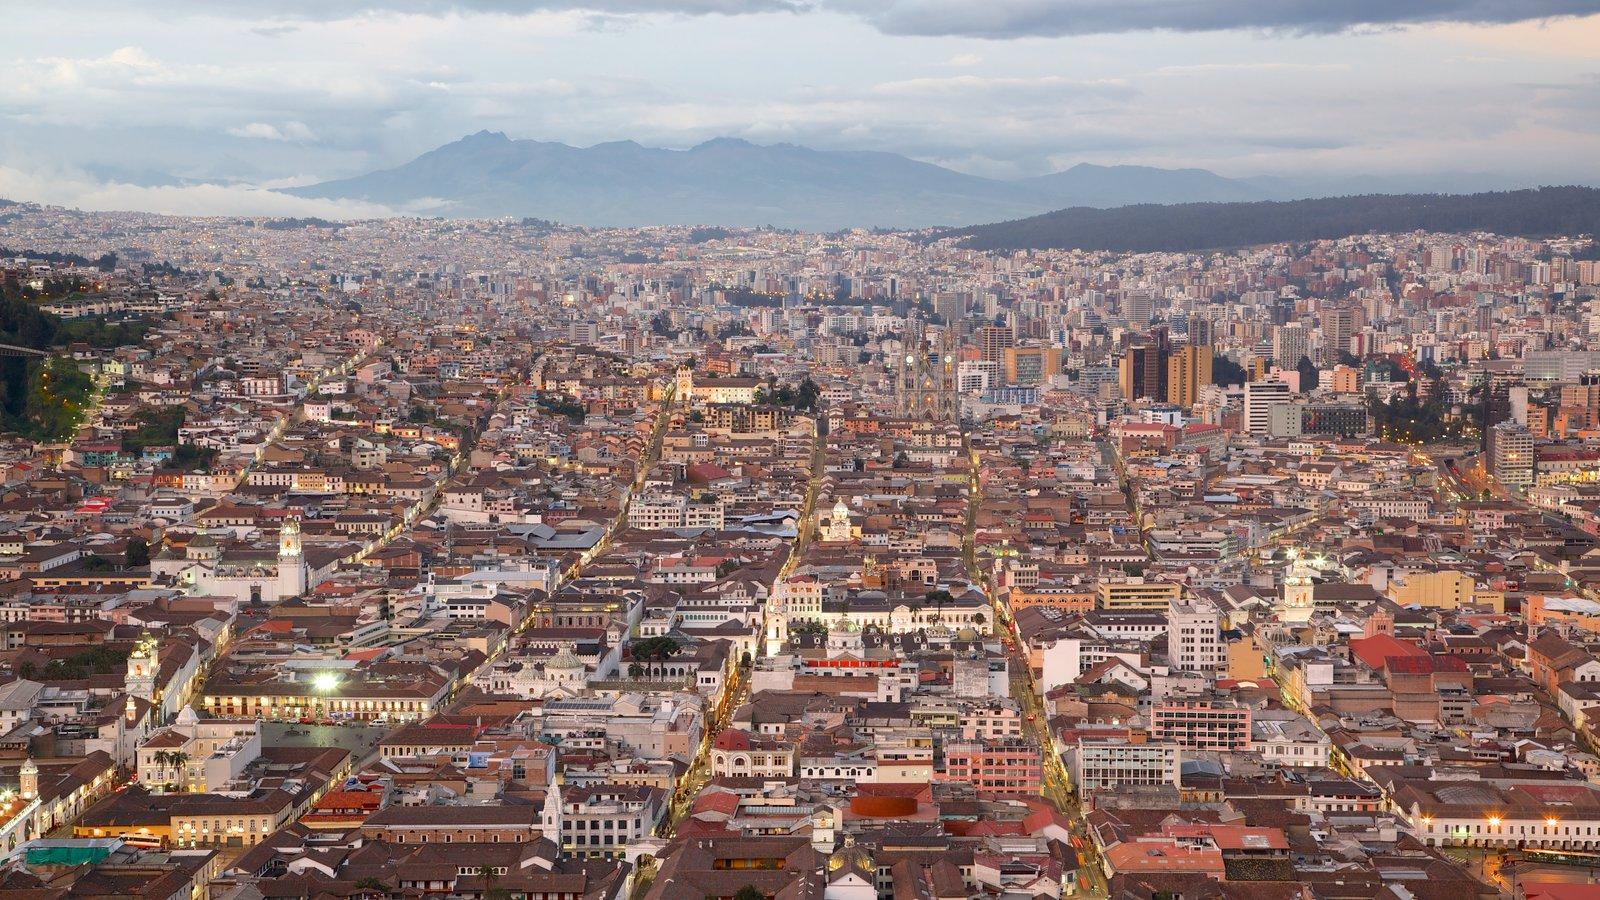 El Panecillo que incluye una ciudad